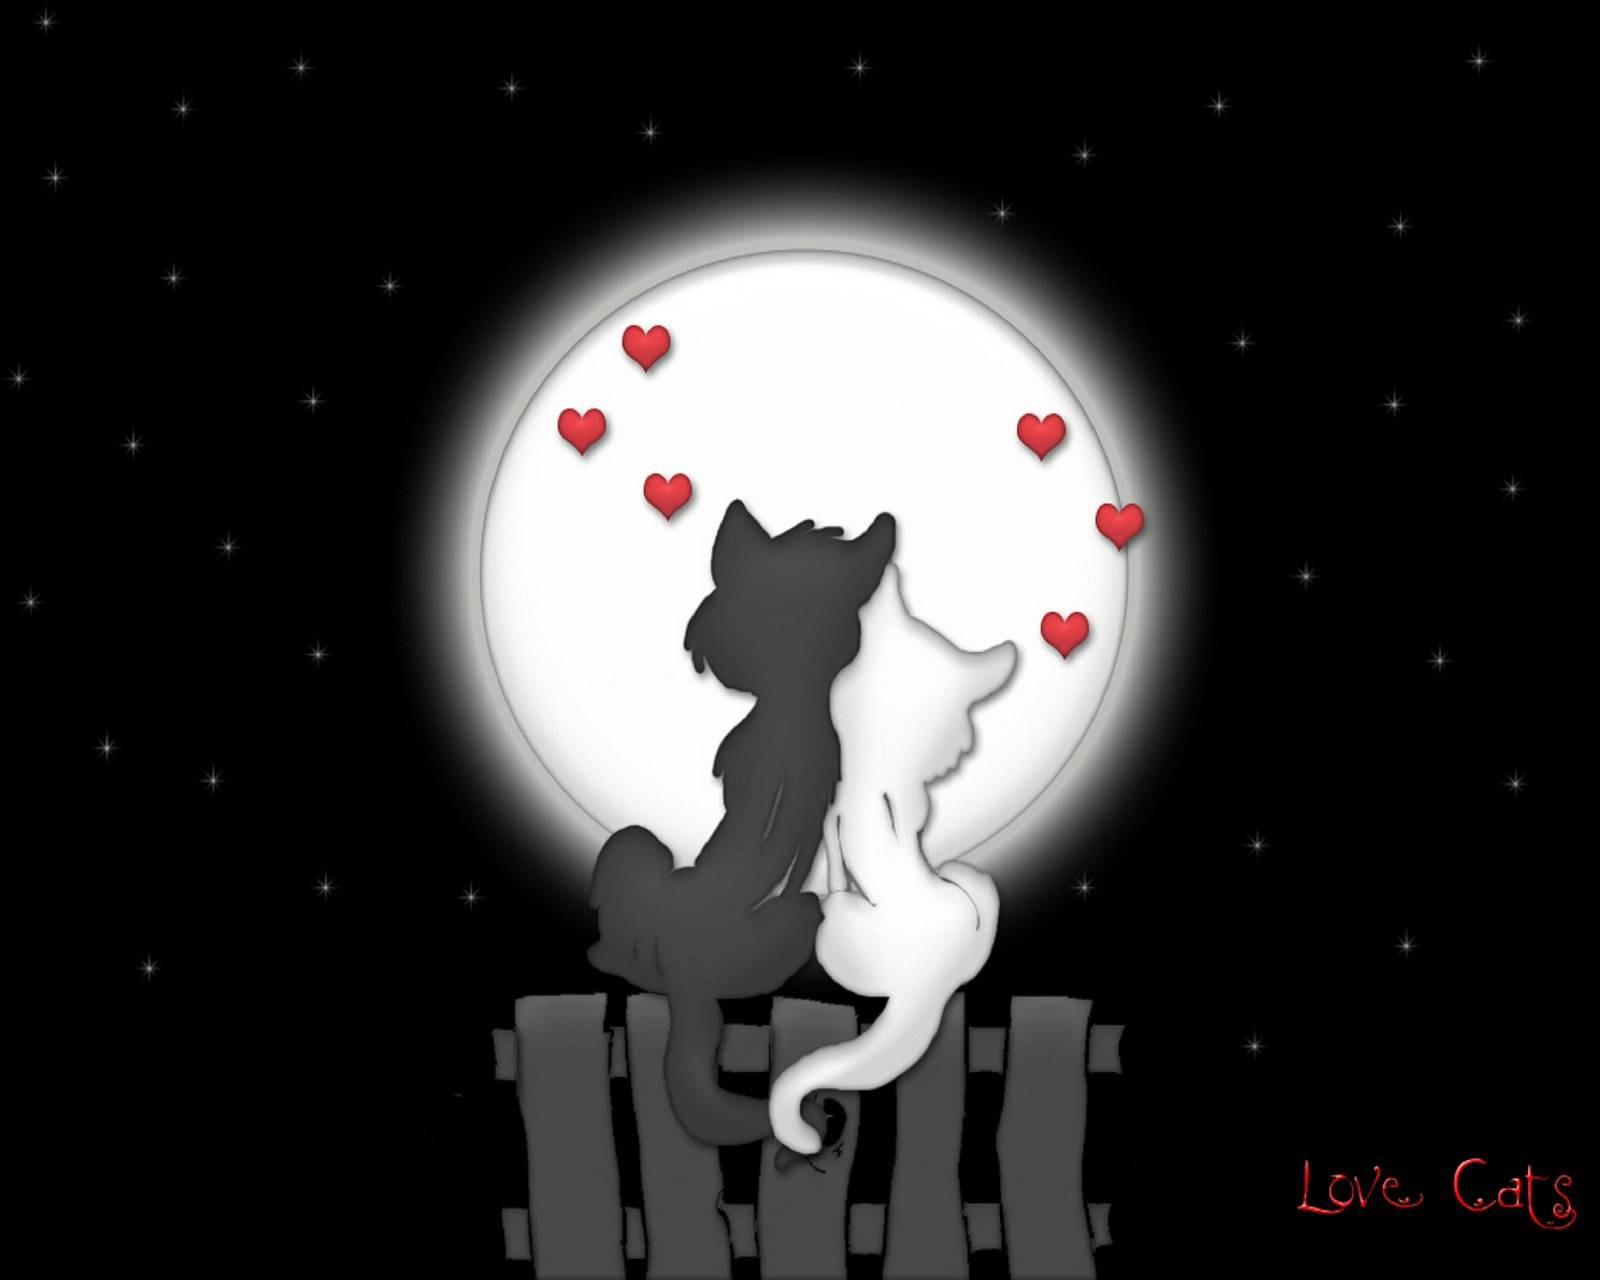 عکس زمینه گربه های عشق پس زمینه